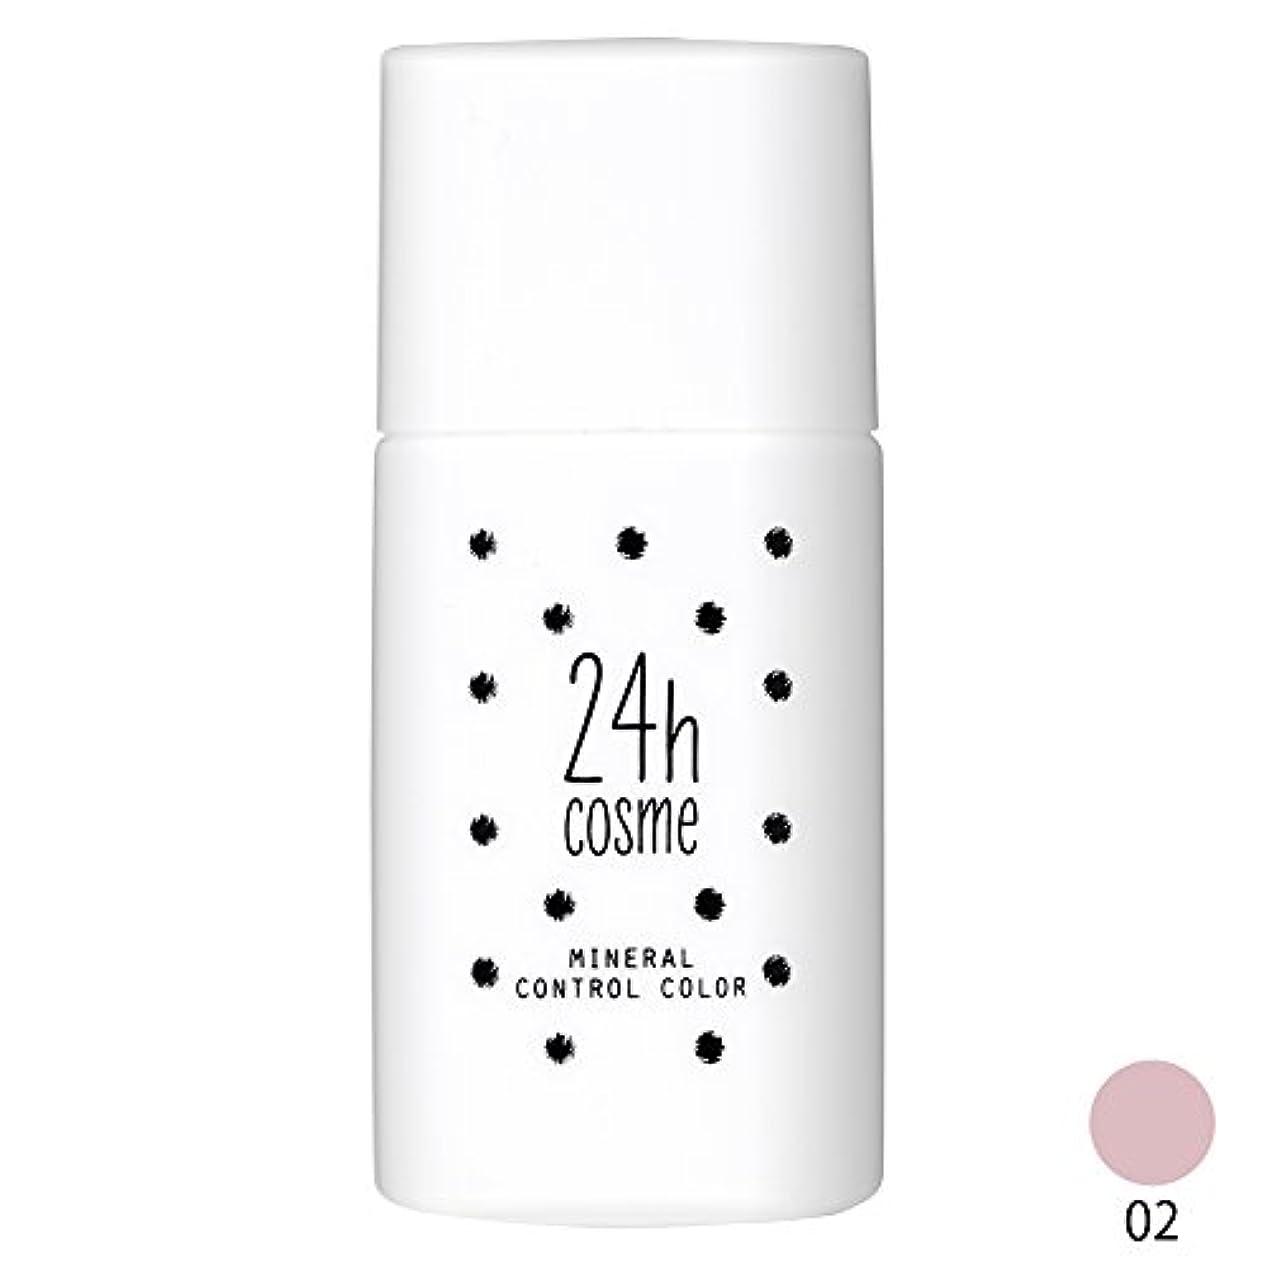 後退する不道徳ロゴ24h cosme 24 コントロールベースカラー 02クリアバイオレット 肌に優しい化粧下地 20ml